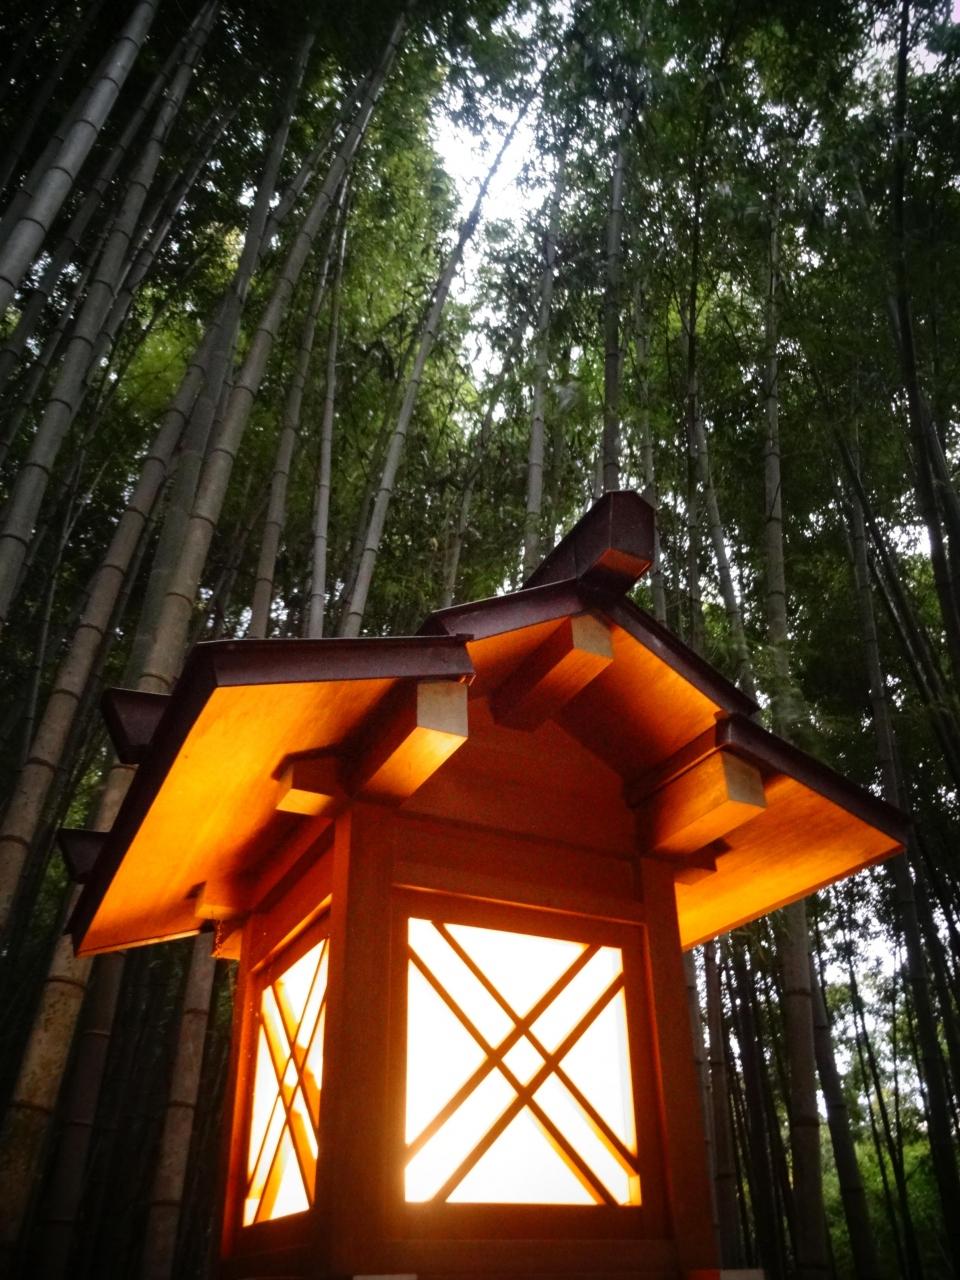 奈良さんぽ:日本最古の神社、大神神社/薬水の湧く狭井神社へ